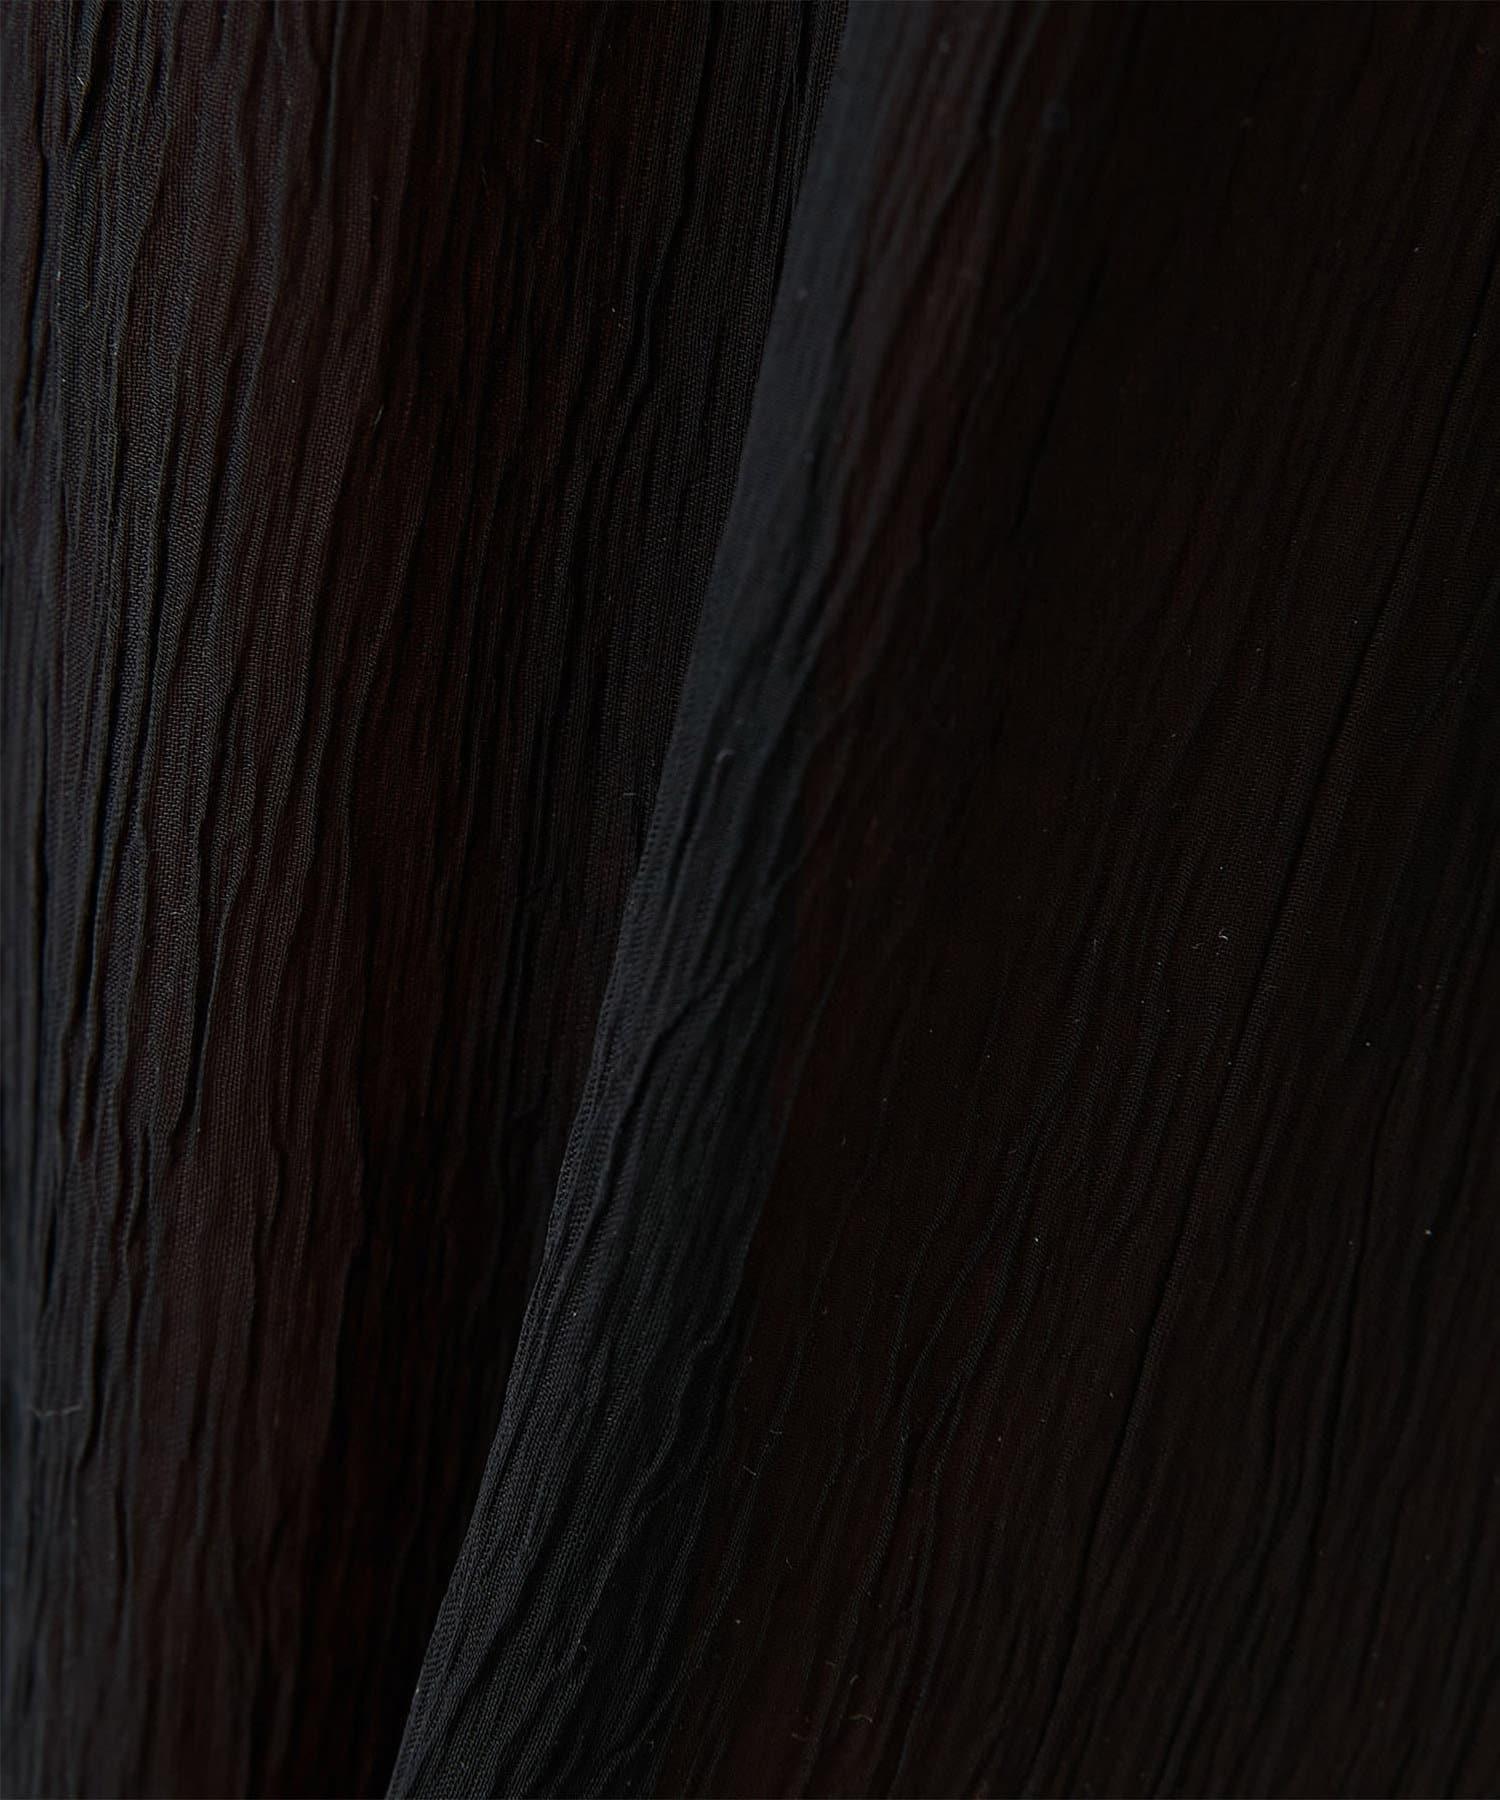 GALLARDAGALANTE(ガリャルダガランテ) 【CEPIE.】ヨウリュウシアーチュニック